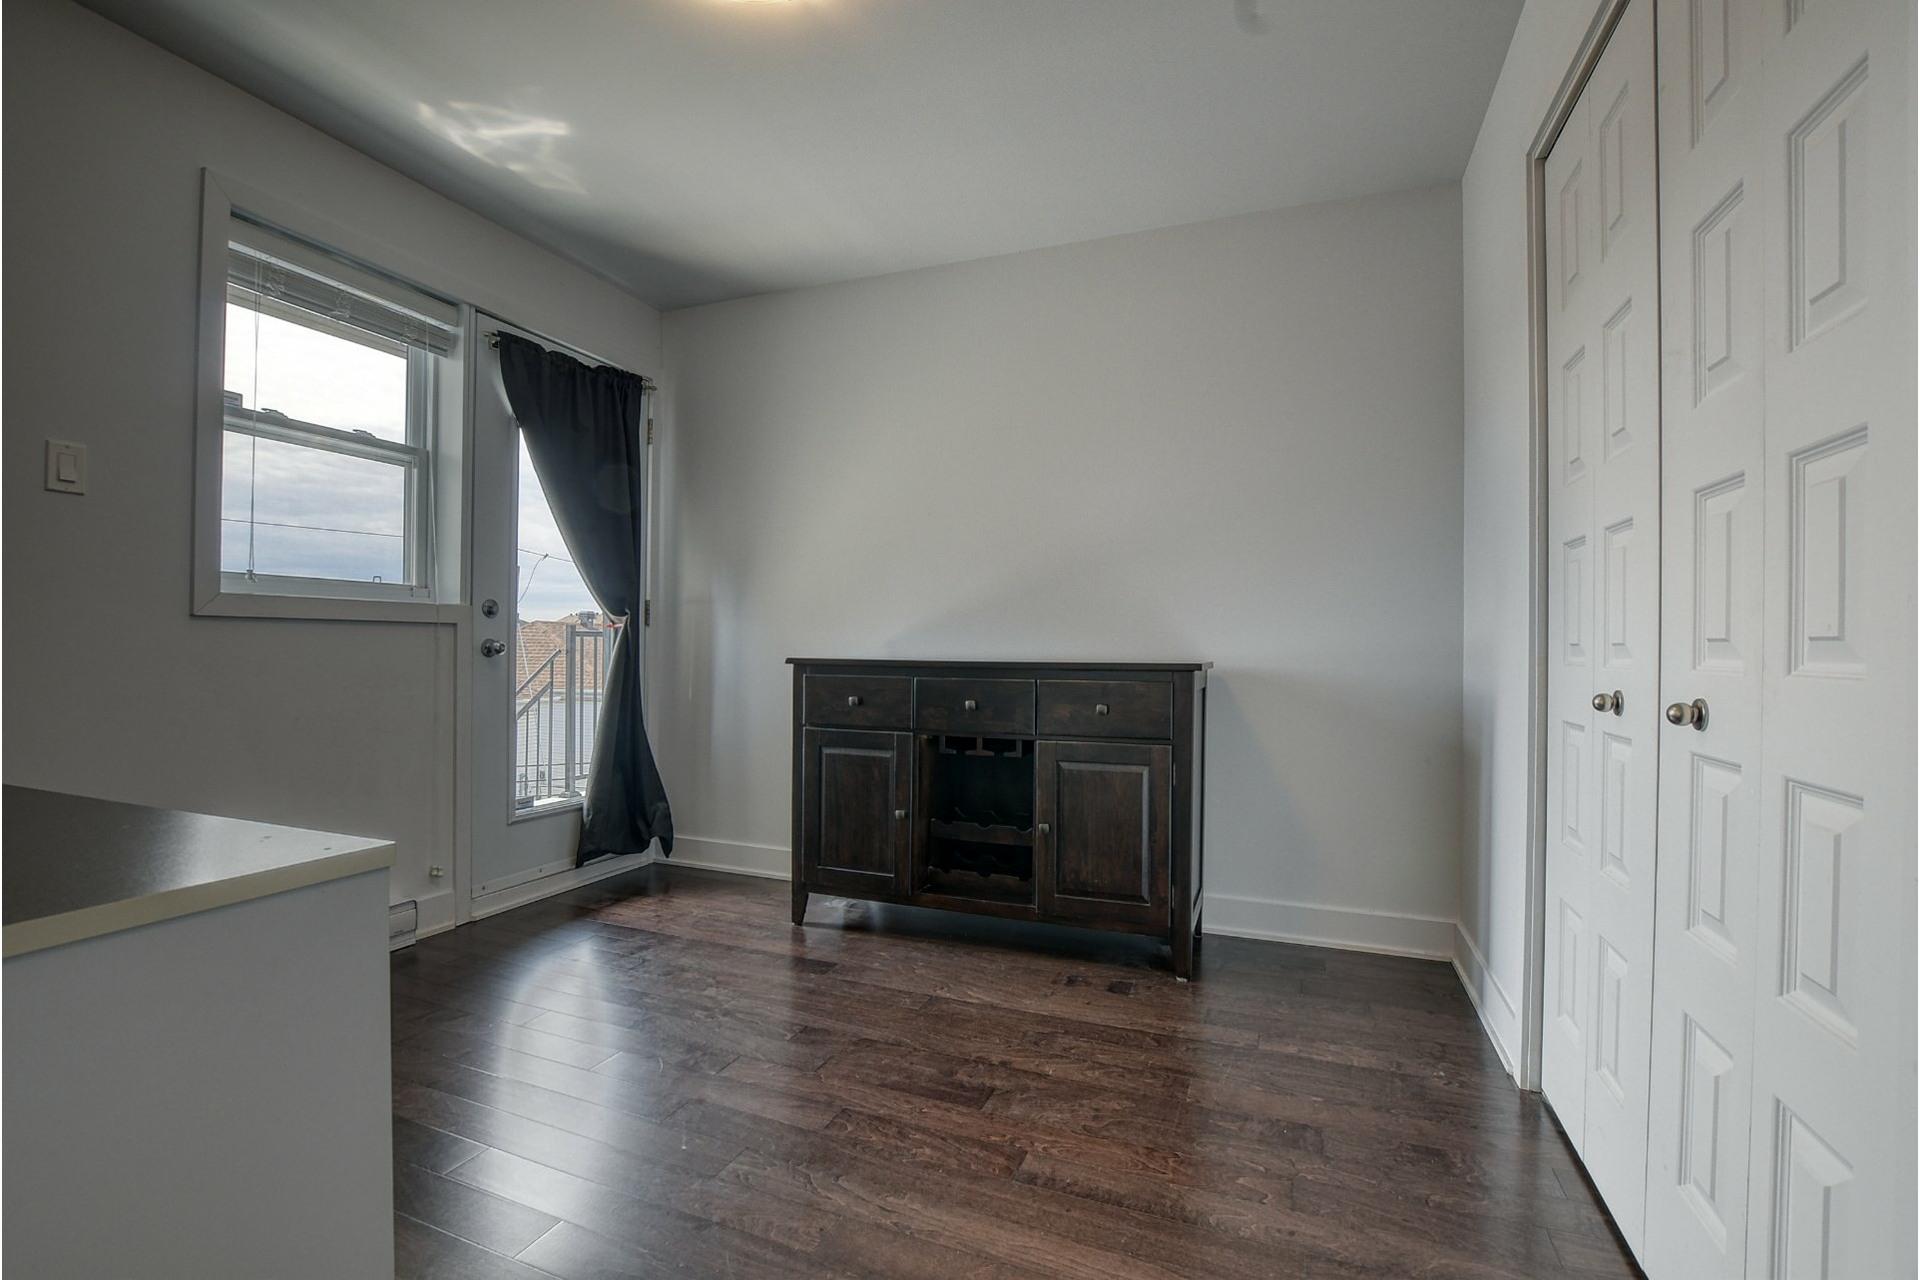 image 18 - Appartement À vendre Rivière-des-Prairies/Pointe-aux-Trembles Montréal  - 11 pièces